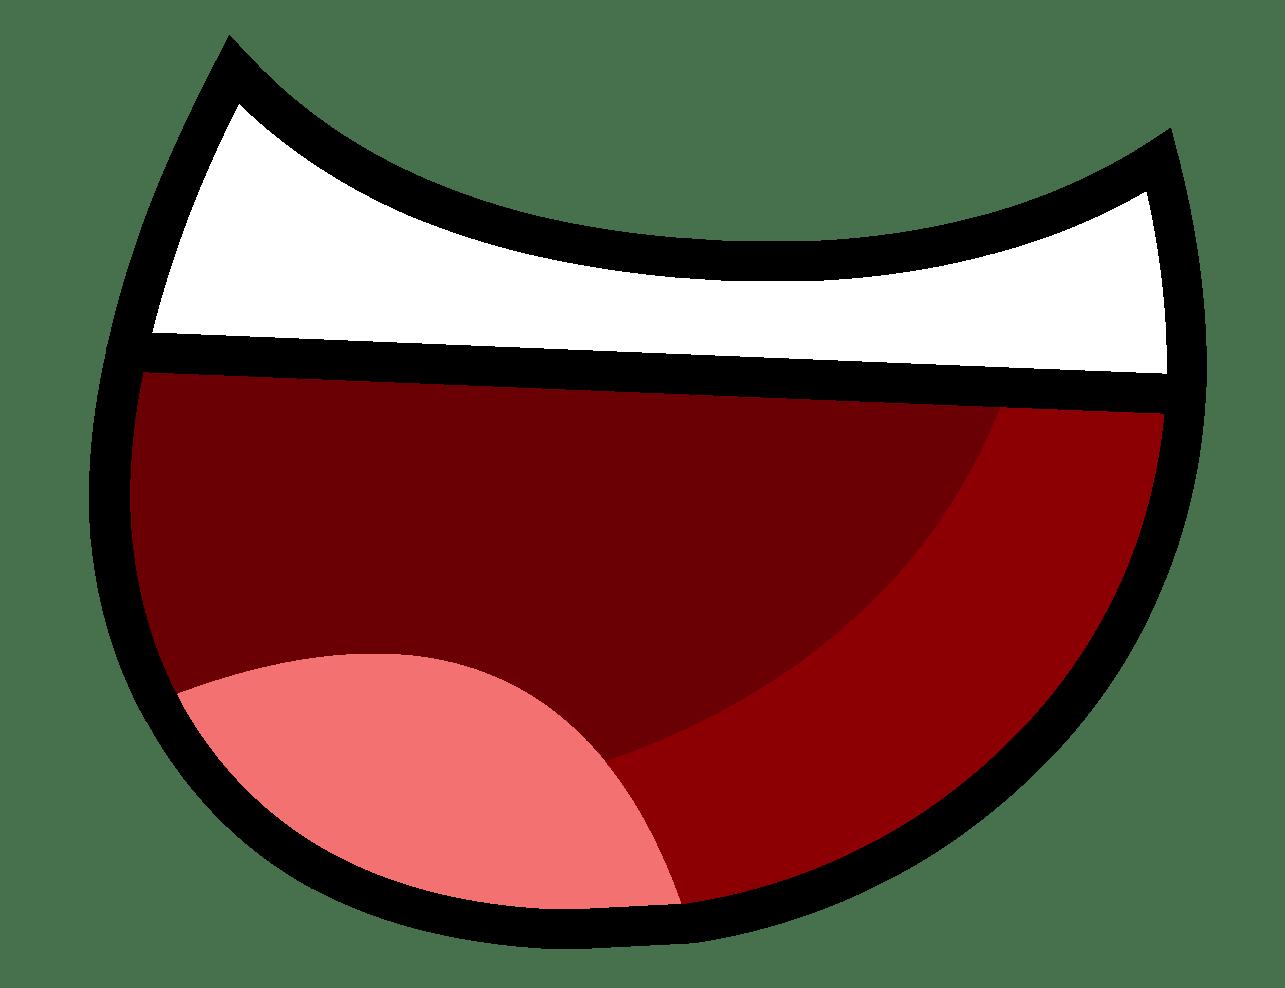 Cartoon Mouth transparent PNG.